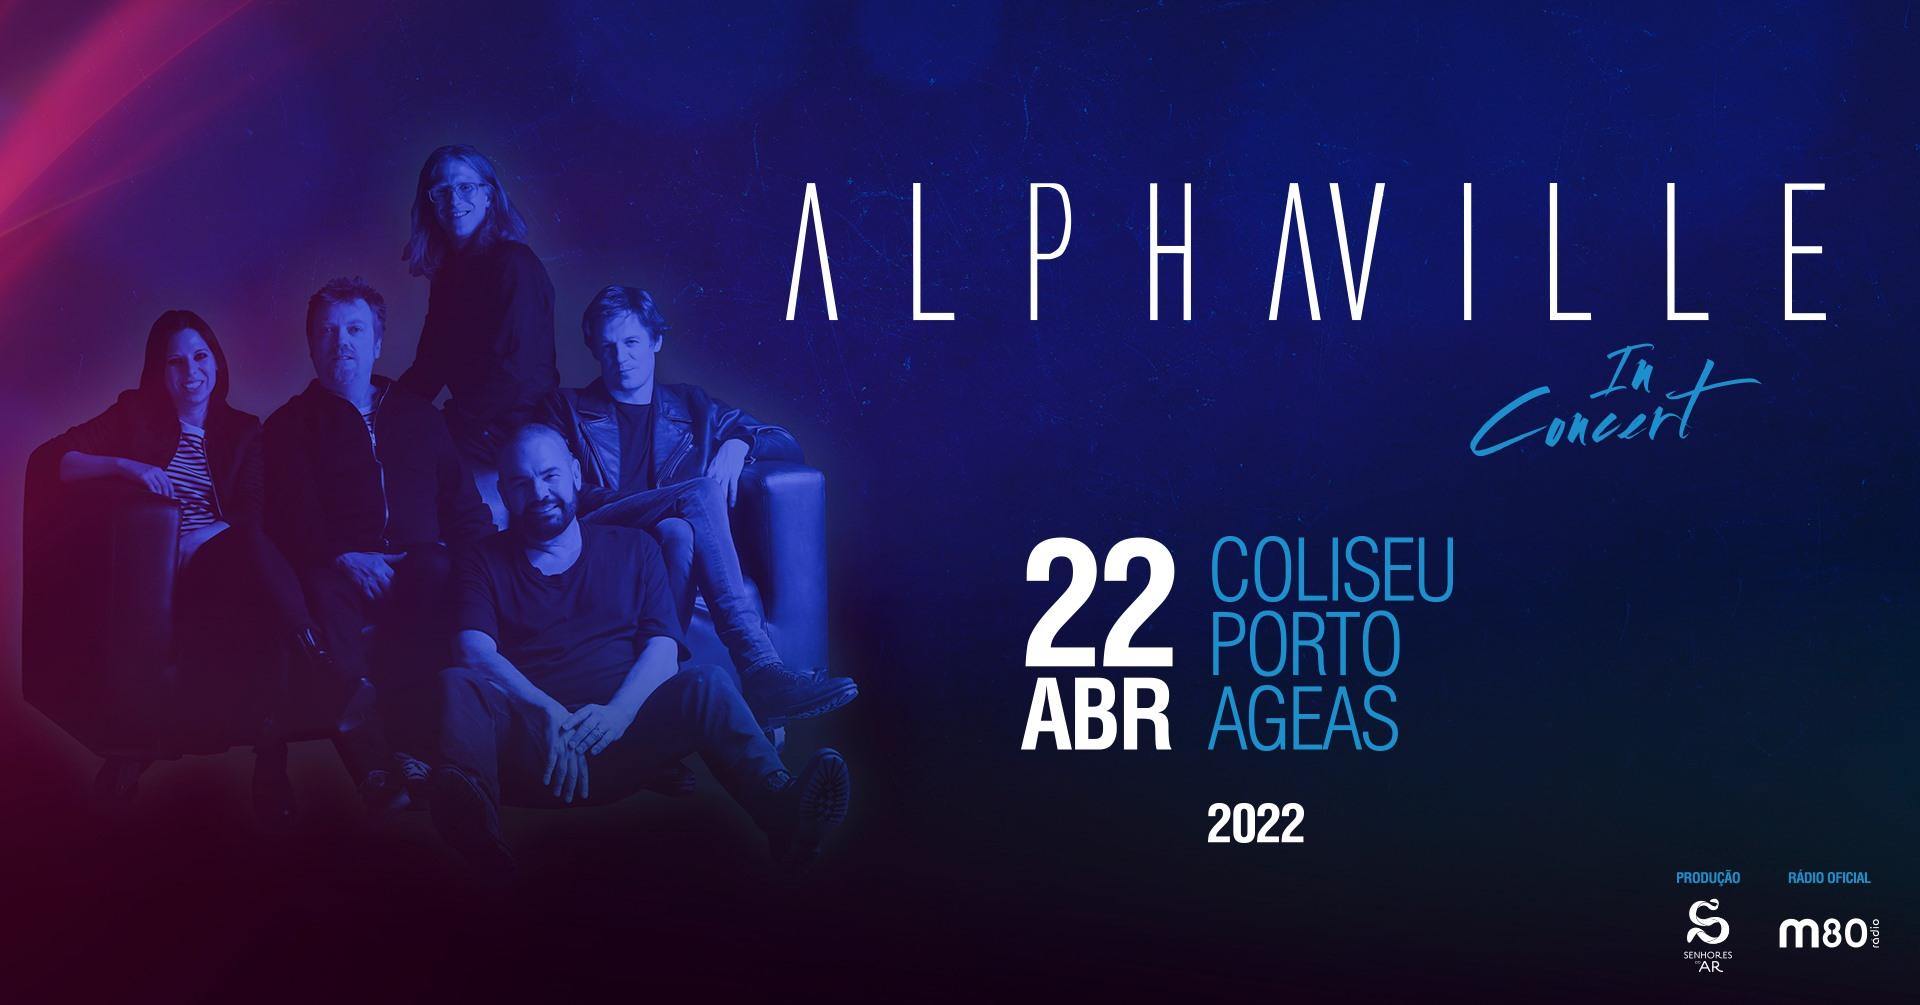 Alphaville | Coliseu do Porto AGEAS